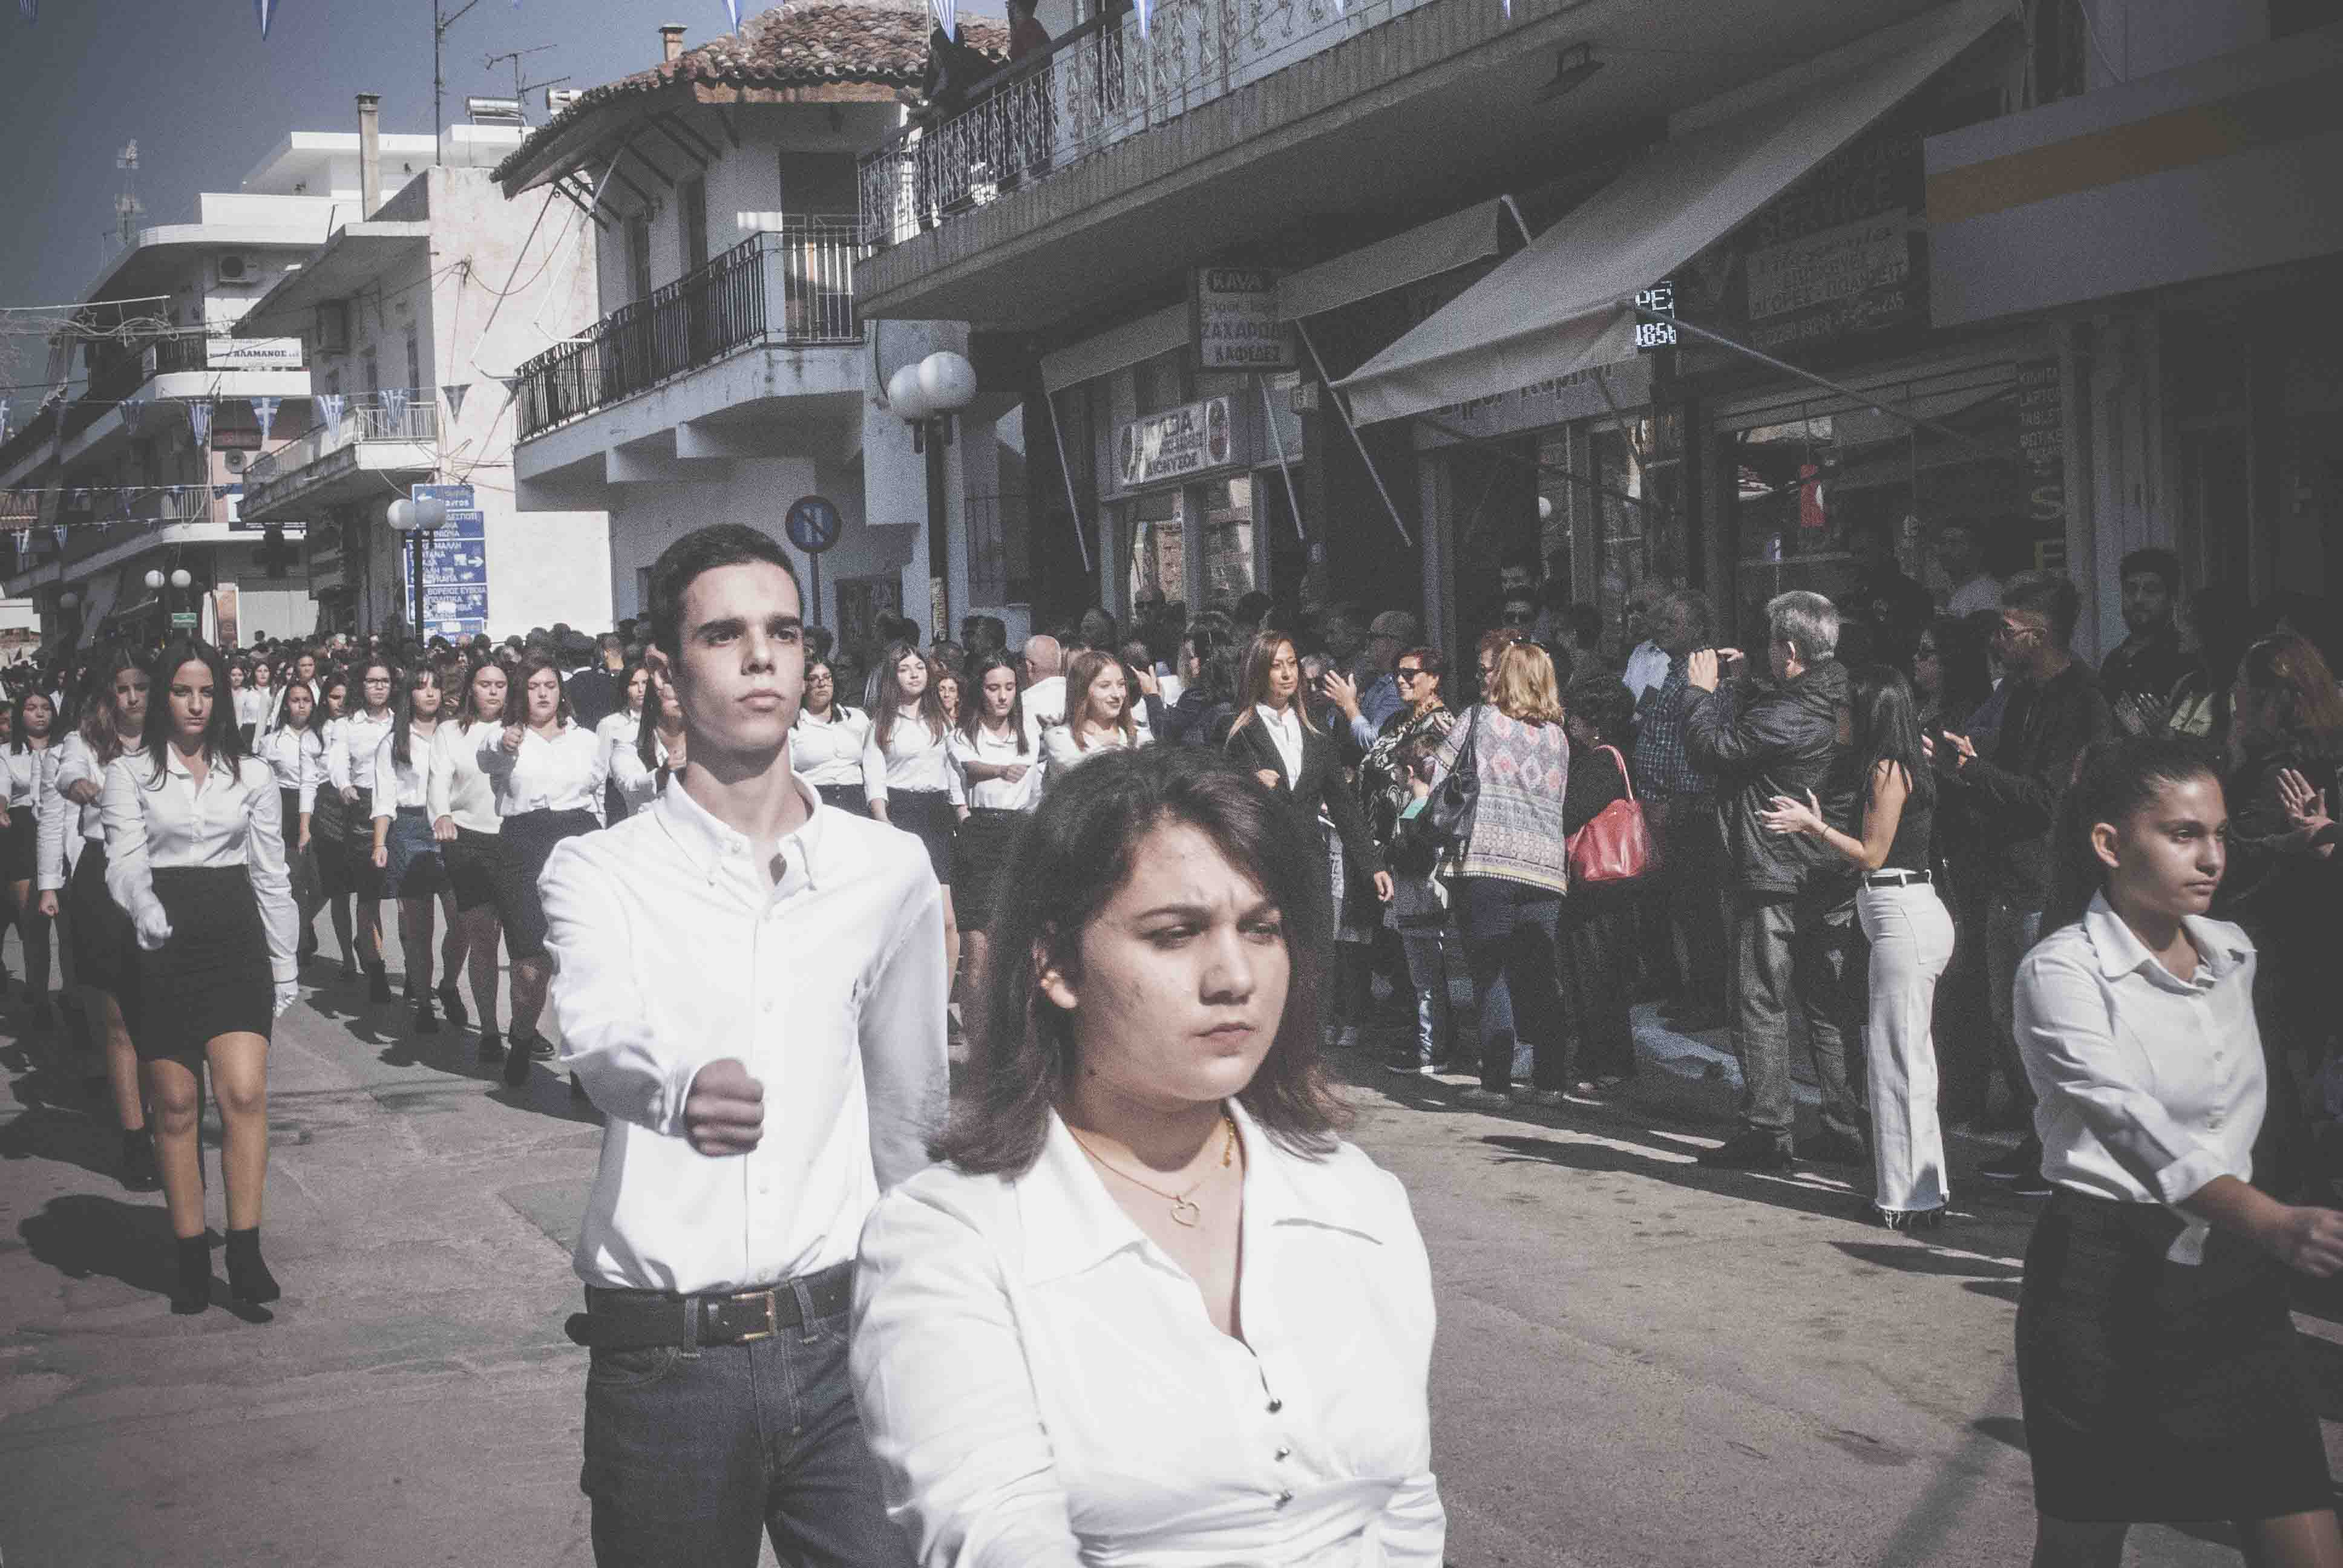 Φωτογραφικό υλικό από την παρέλαση στα Ψαχνά DSC 0407  Η παρέλαση της 28ης Οκτωβρίου σε Καστέλλα και Ψαχνά (φωτό) DSC 0407